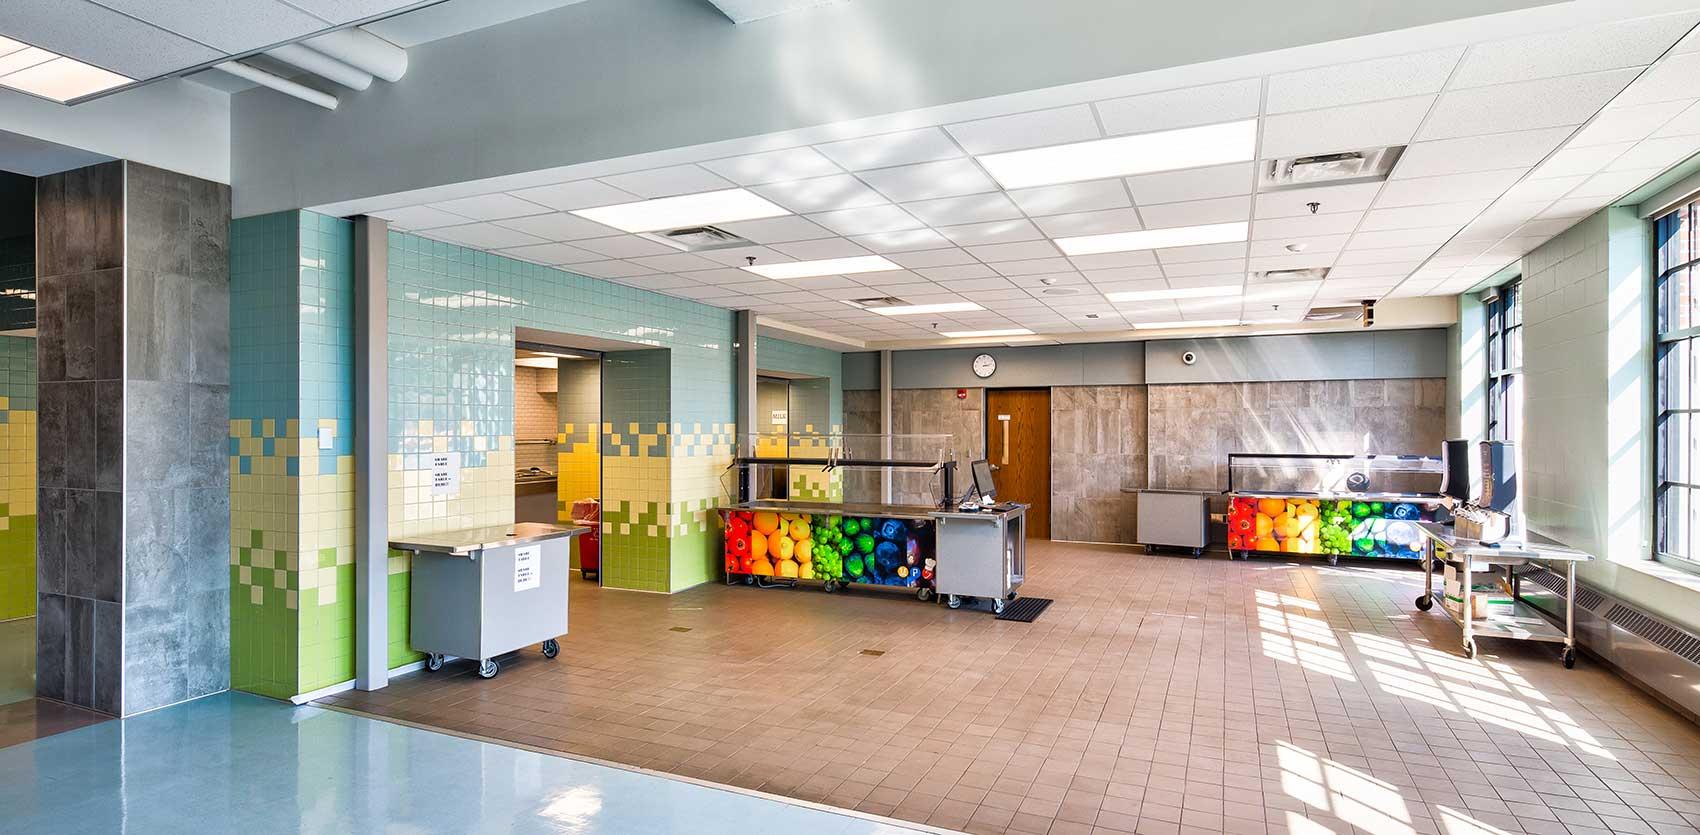 Ericsson-Elementary-School-4